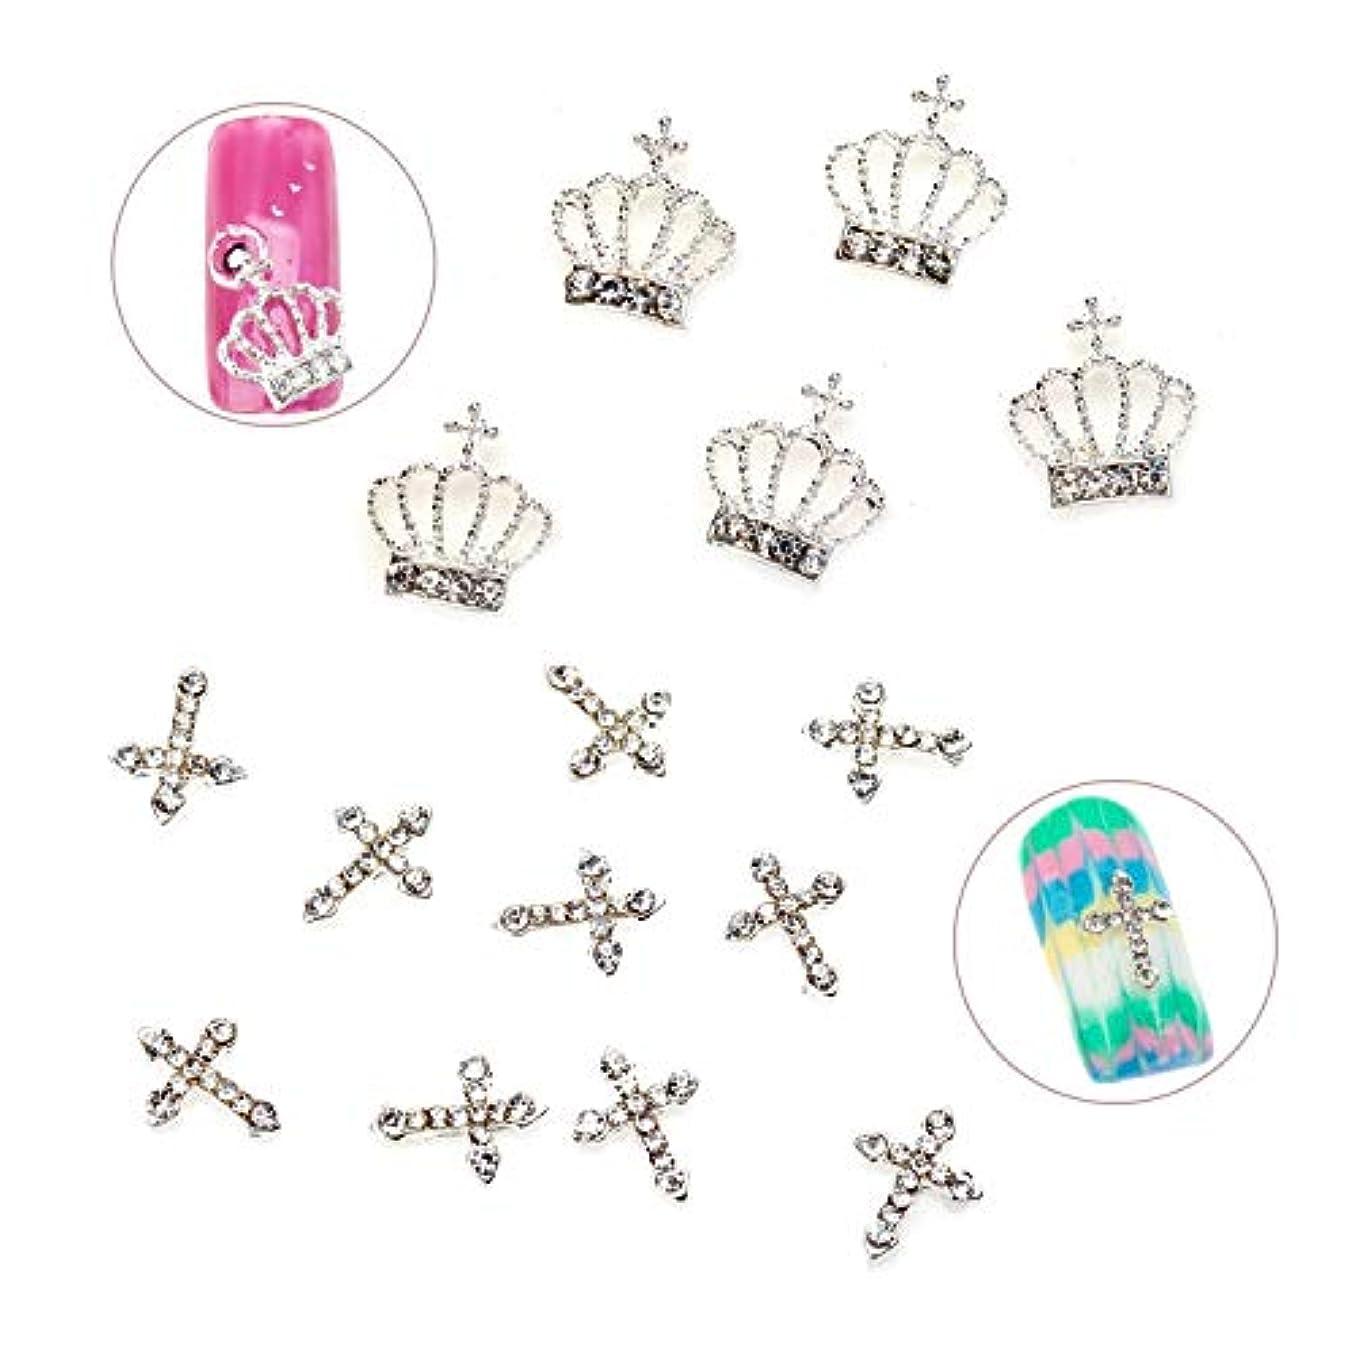 船乗り部分を通してラインストーン/宝石/クリスタル/宝石と王冠と十字架を含む15個の品質の金属3D装飾のユニークなプロのネイルアートセット